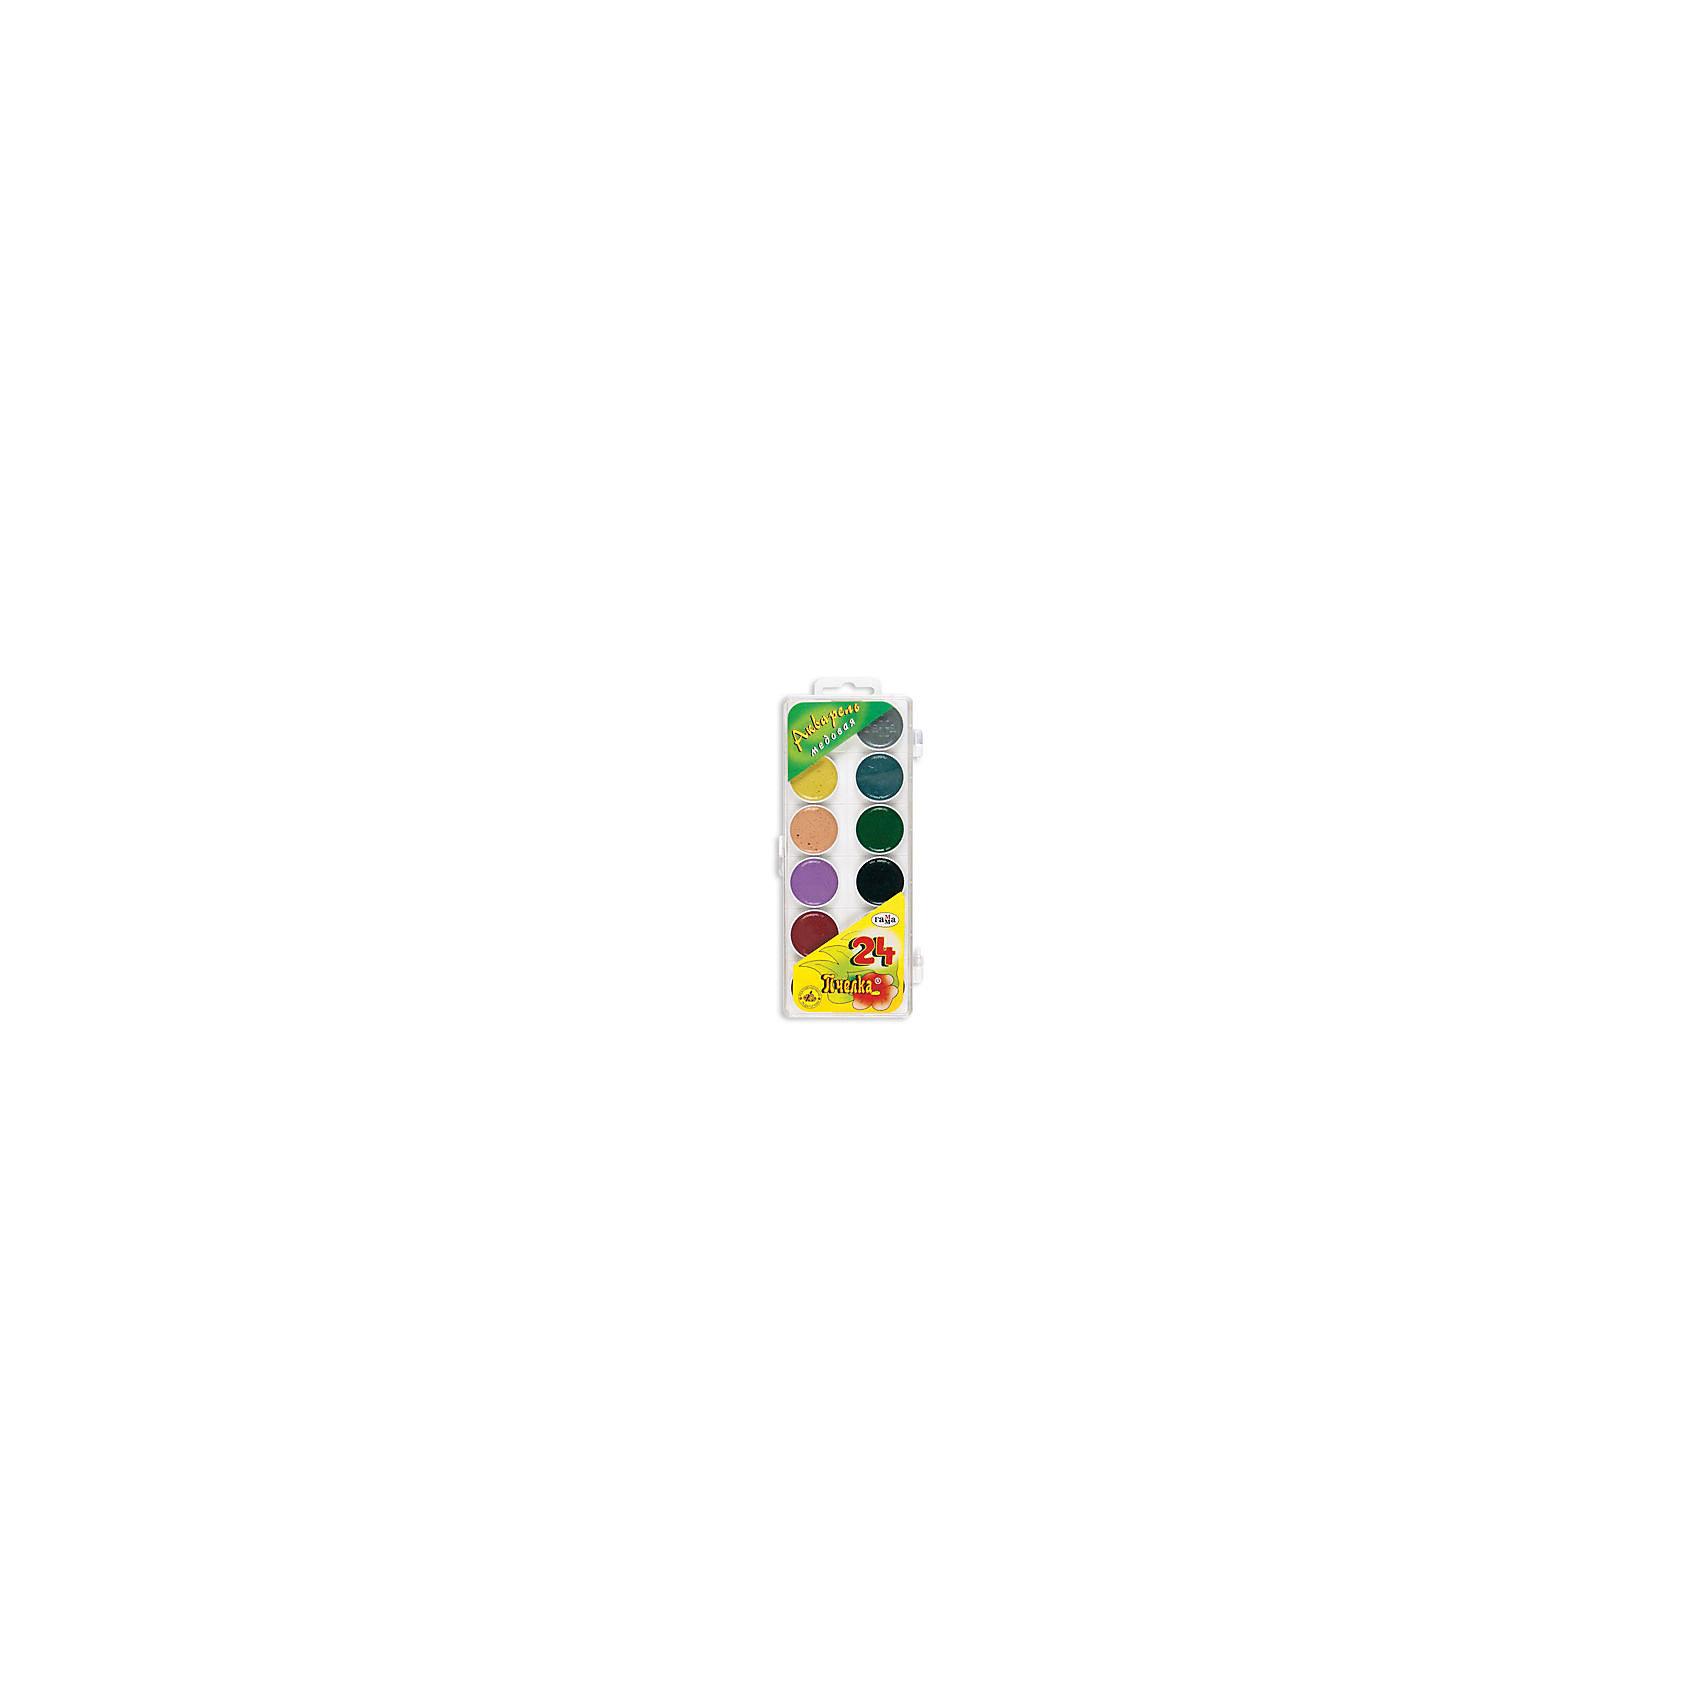 Акварель медовая ПЧЕЛКА 24 цветов ГаммаРисование и лепка<br>Характеристики:<br><br>• возраст: от 3 лет<br>• в наборе: краски акварельные медовые полусухие без кисточки<br>• количество цветов: 24<br>• упаковка: пластмассовый пенал с прозрачной крышкой<br>• размер упаковки: 20,3х8,7х1,6 см.<br>• вес: 150 гр.<br><br>Акварельные медовые краски «Пчелка» идеально подойдут для детского и художественного изобразительного искусства. Яркие, насыщенные цвета красок отлично смешиваются между собой.<br><br>Краски безопасны для детей, не токсичны, быстро высыхают и не портятся со временем.<br><br>Акварель медовую ПЧЕЛКА 24 цветов Гамма можно купить в нашем интернет-магазине.<br><br>Ширина мм: 225<br>Глубина мм: 90<br>Высота мм: 20<br>Вес г: 170<br>Возраст от месяцев: 36<br>Возраст до месяцев: 2147483647<br>Пол: Унисекс<br>Возраст: Детский<br>SKU: 7010472